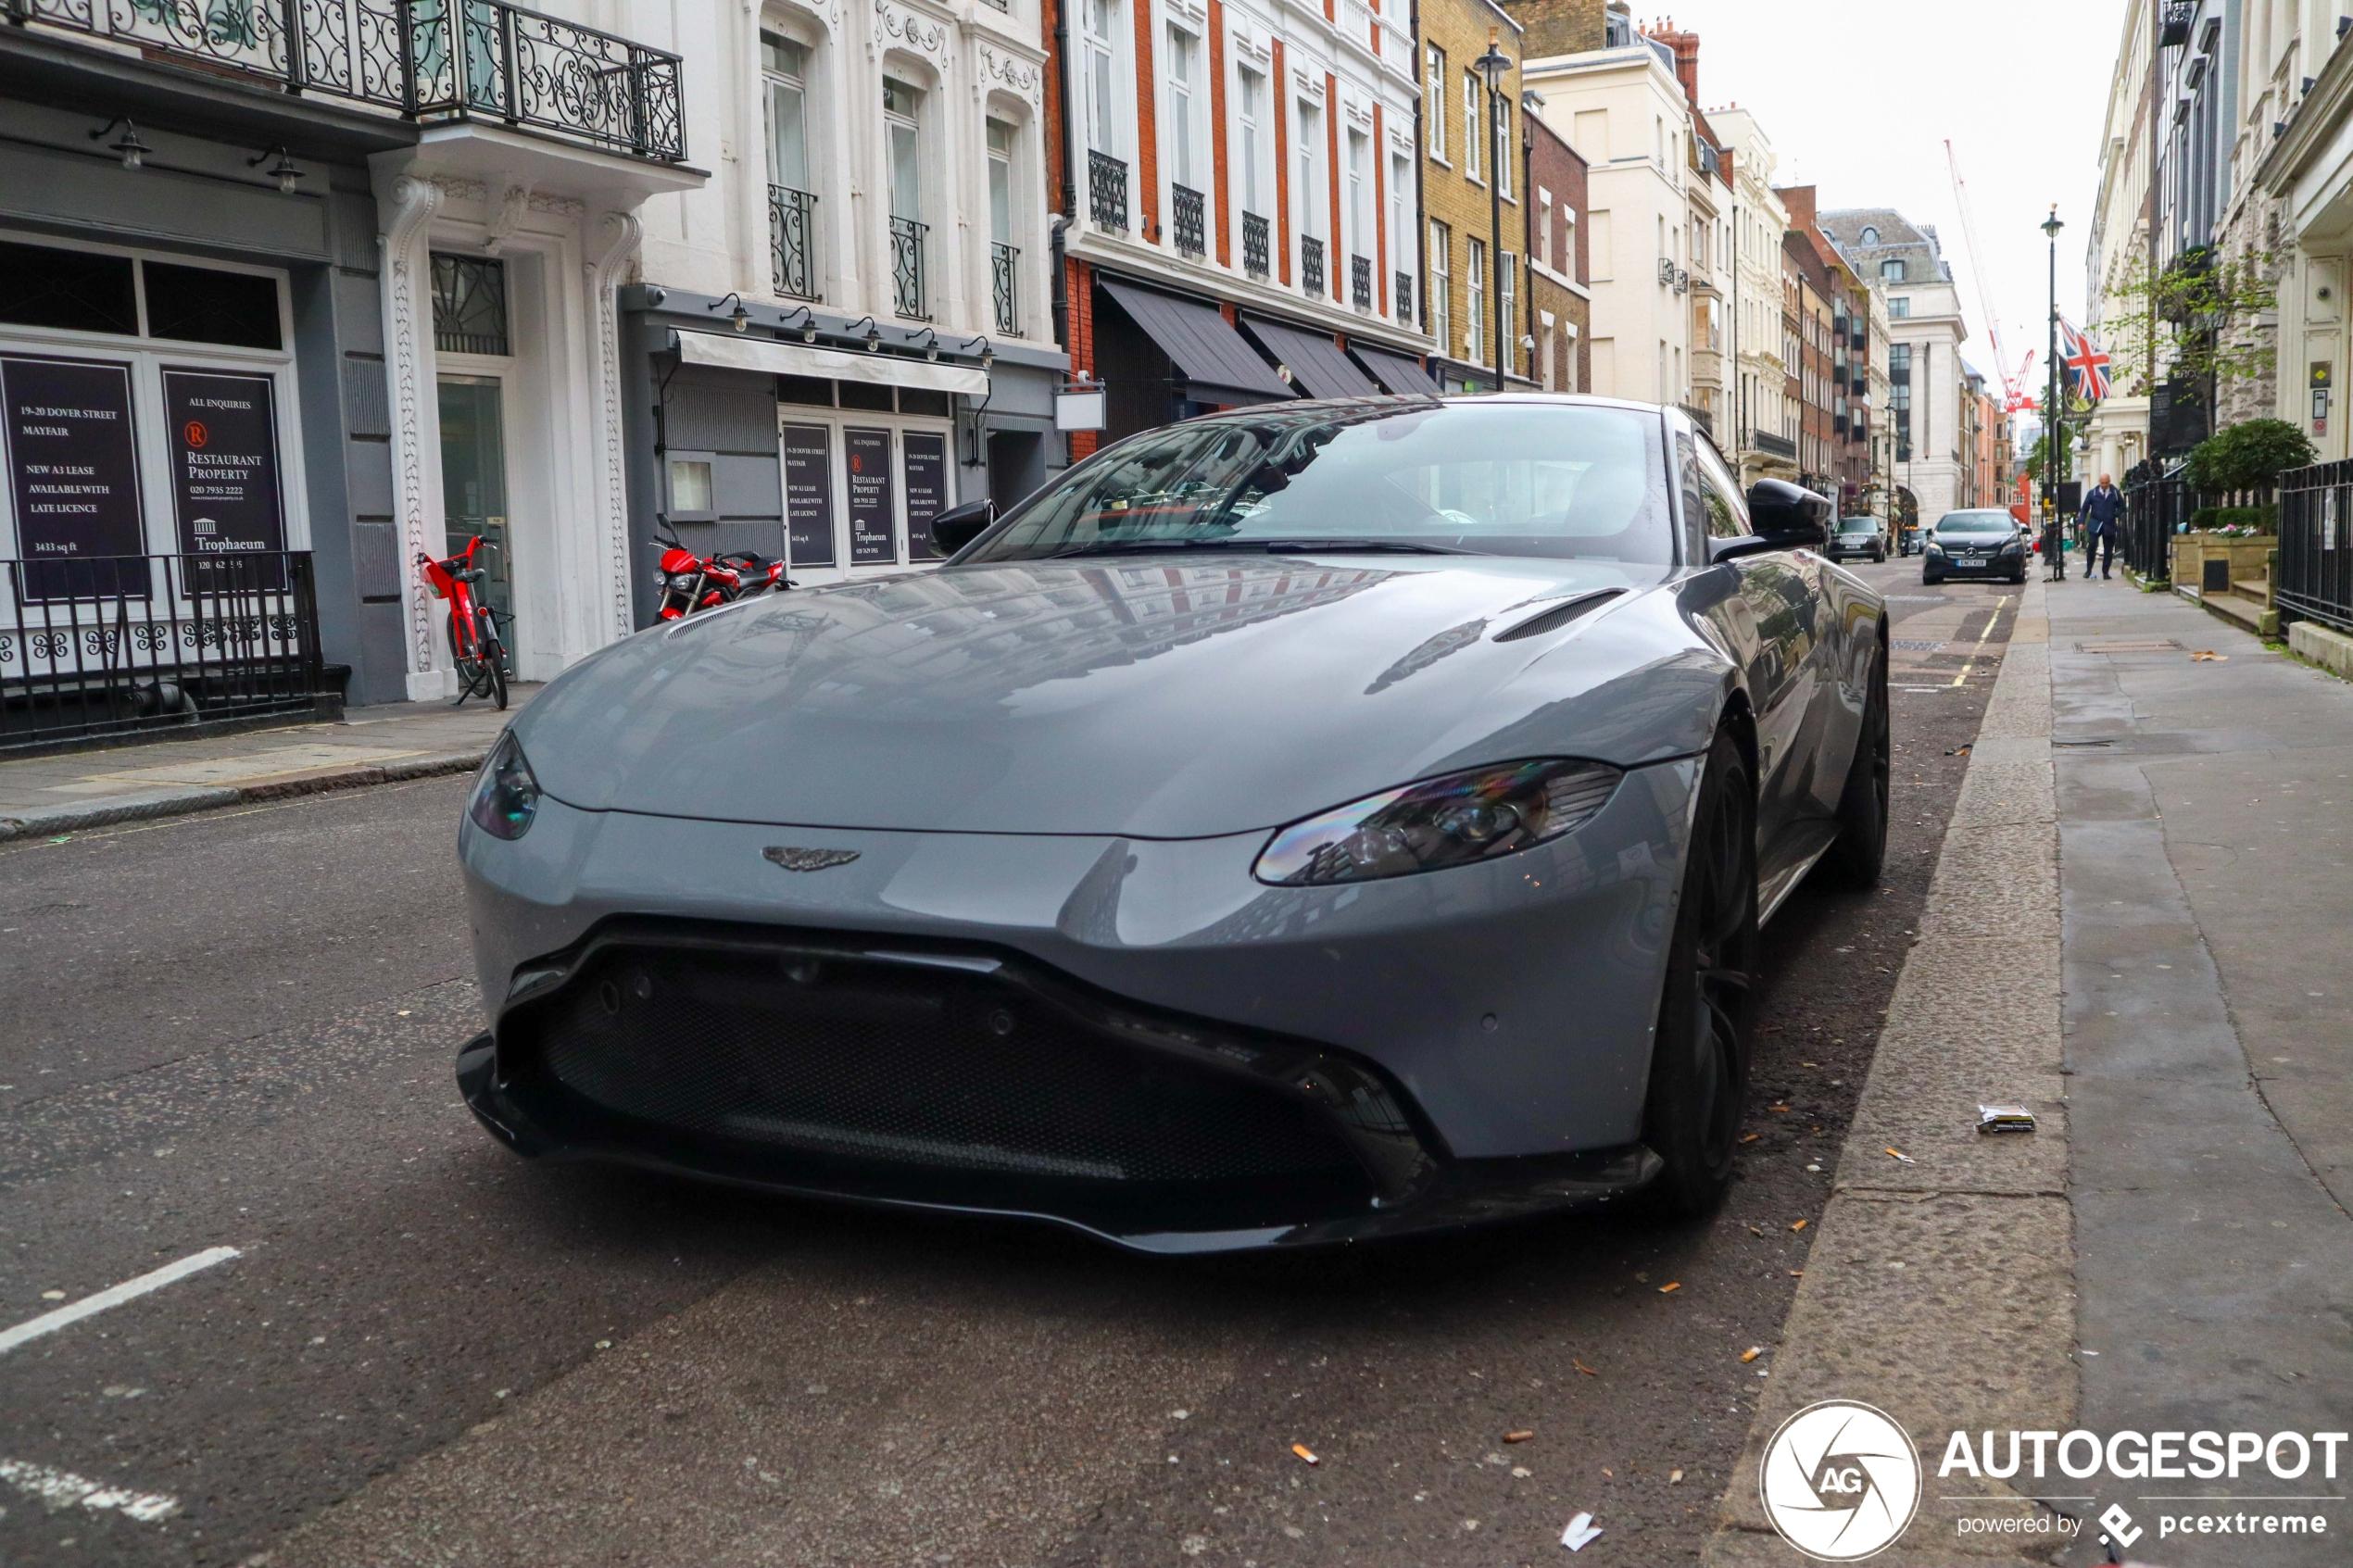 Aston Martin V8 Vantage 2018 24 Oktober 2020 Autogespot